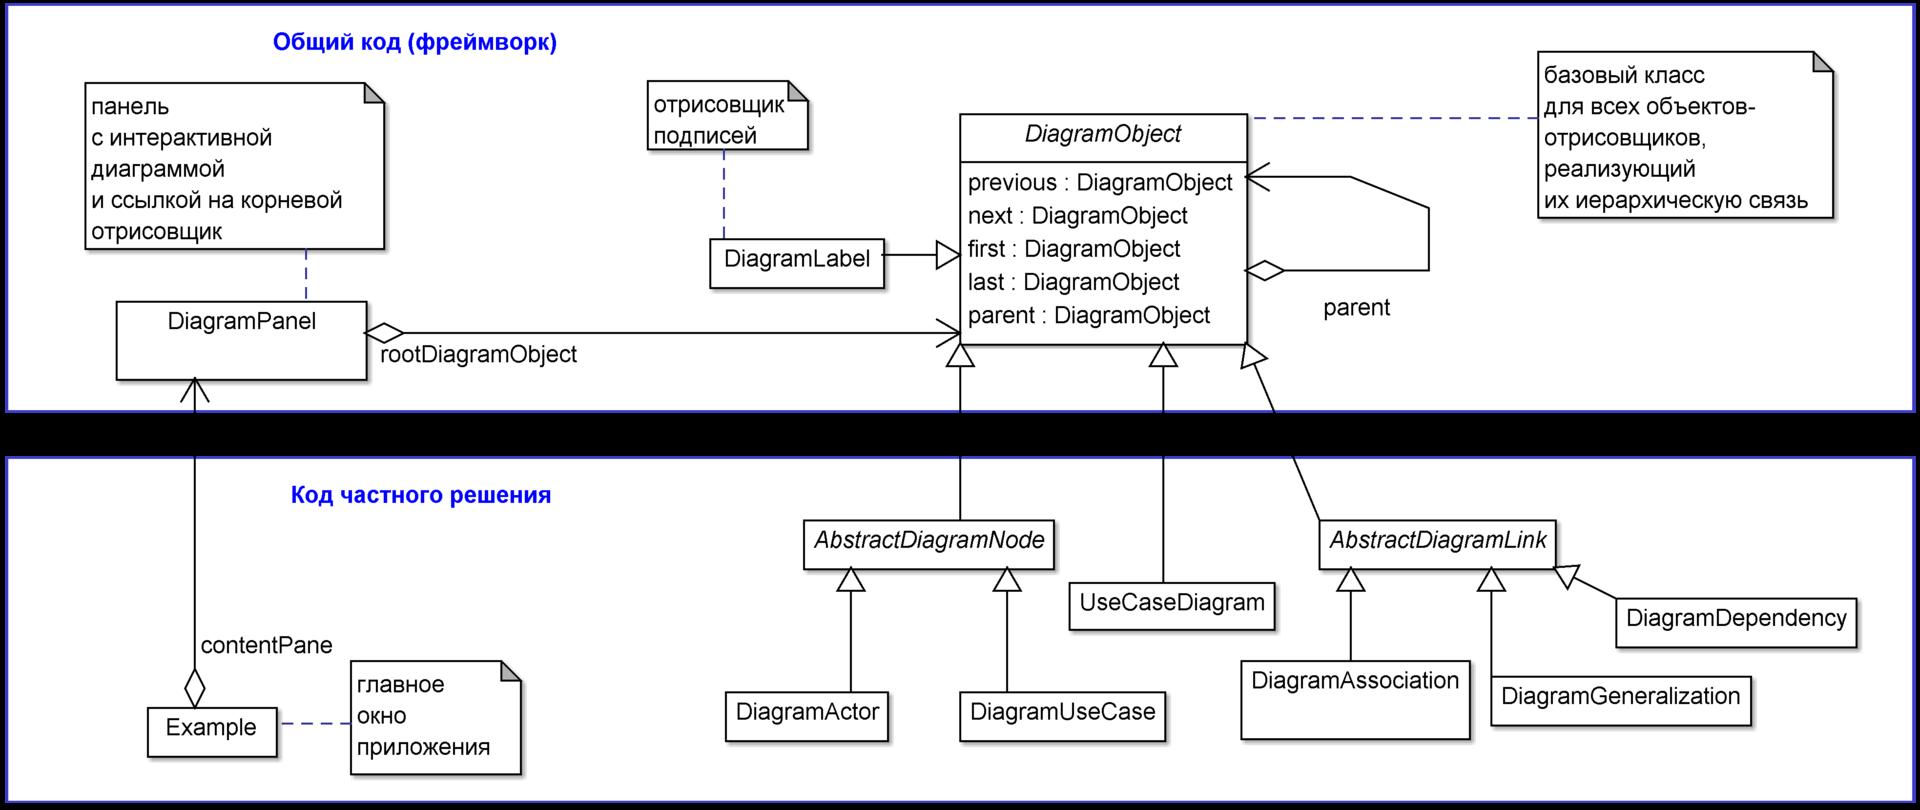 Реализация интерактивных диаграмм с помощью ООП на примере прототипа редактора UML-диаграмм. Часть 1 - 7